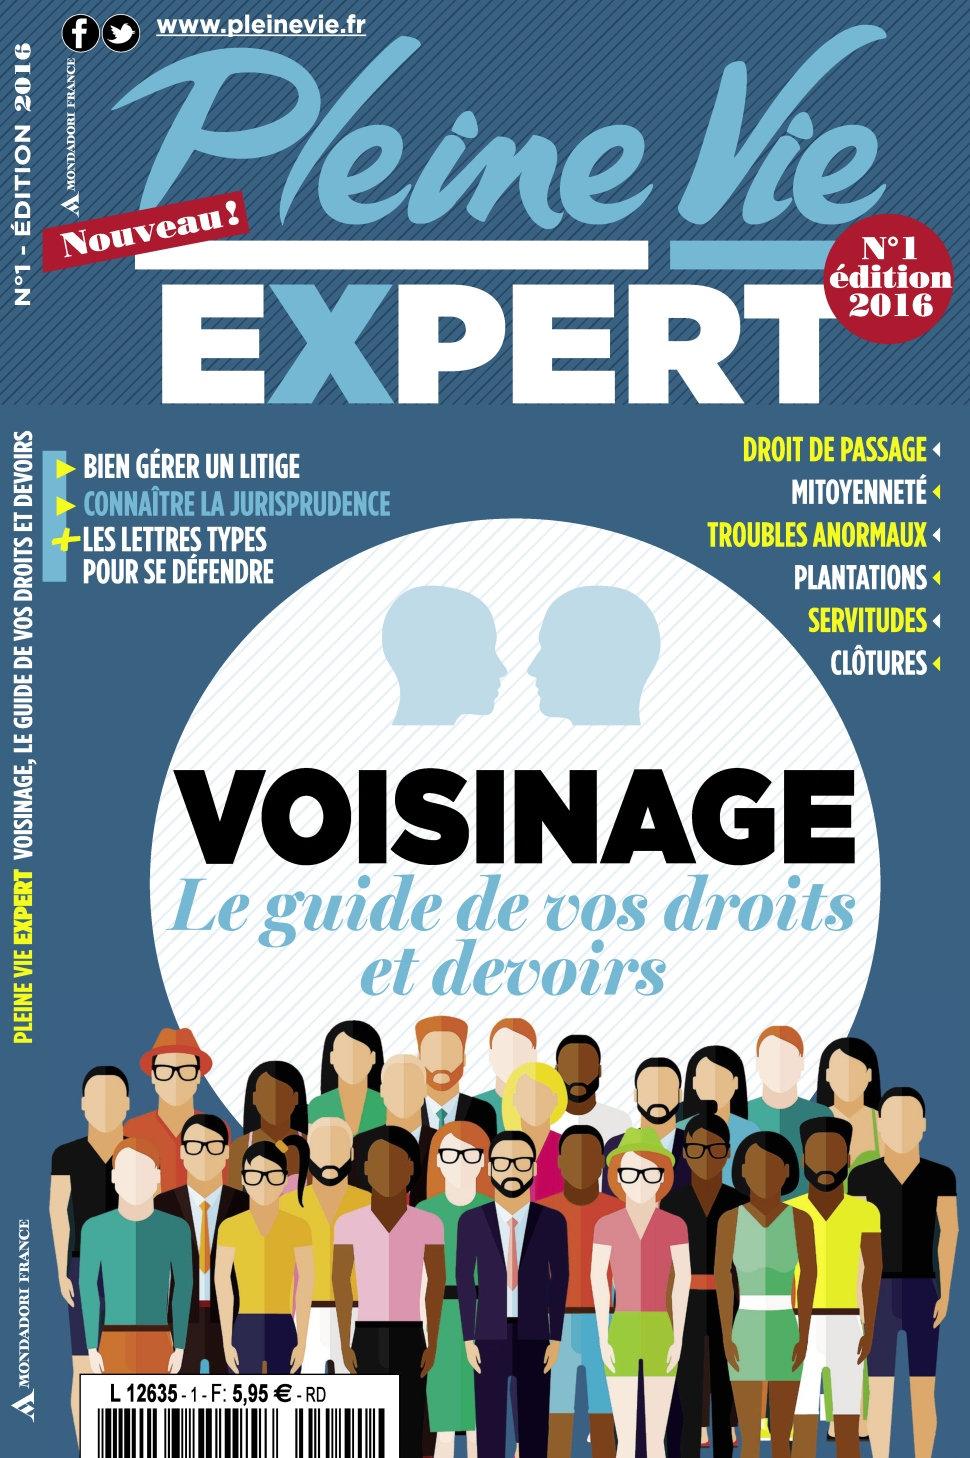 Pleine Vie Expert N°1 - Edition 2016